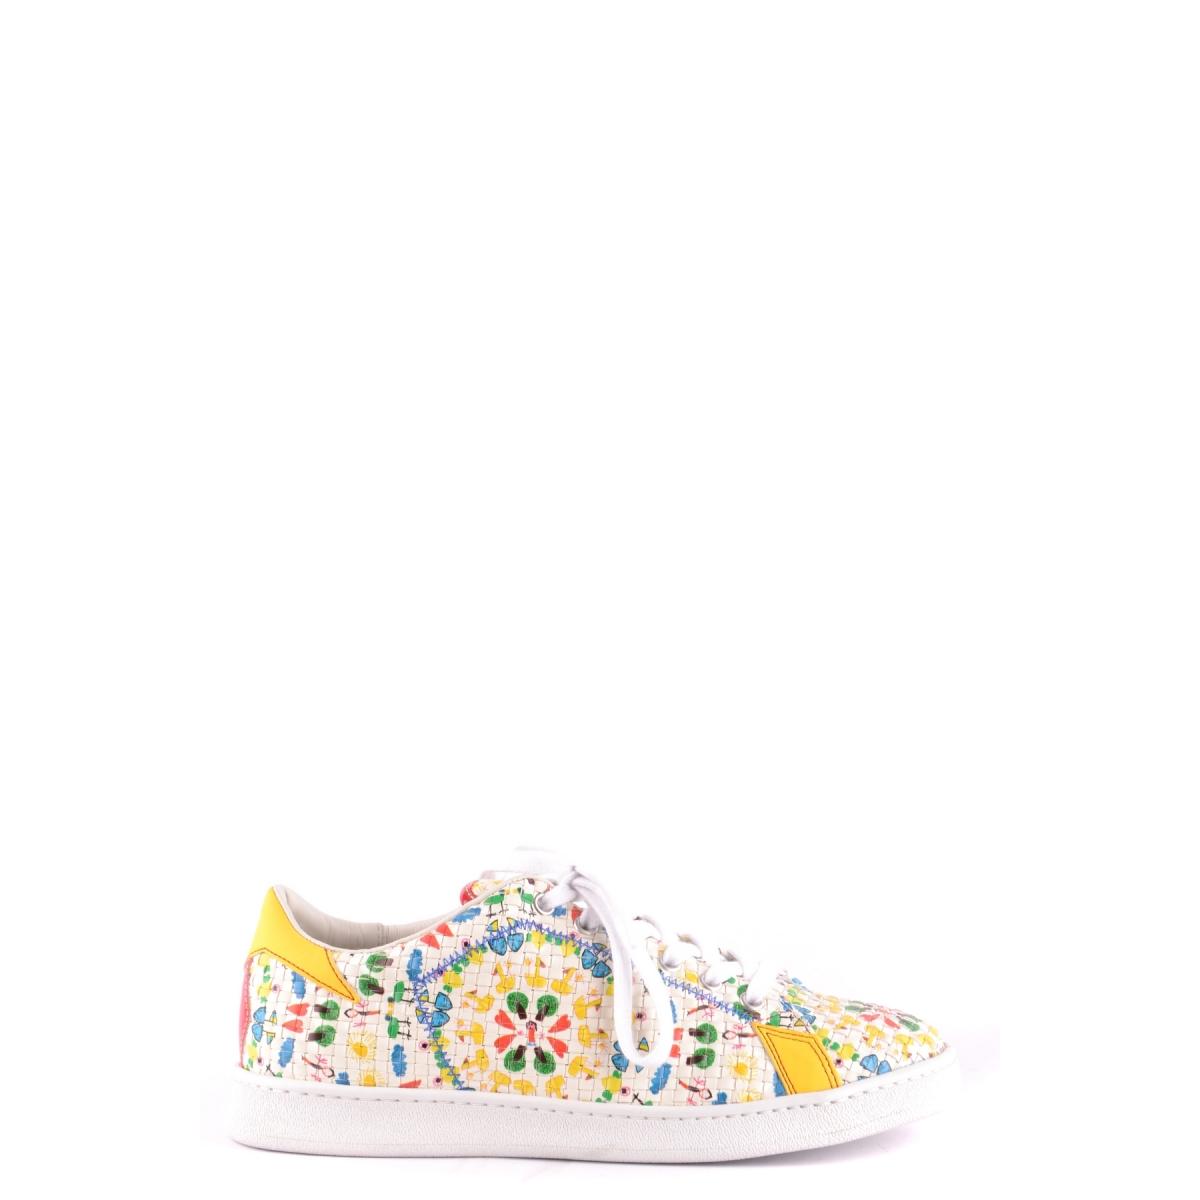 Sneakers L4k3 32699it -40%